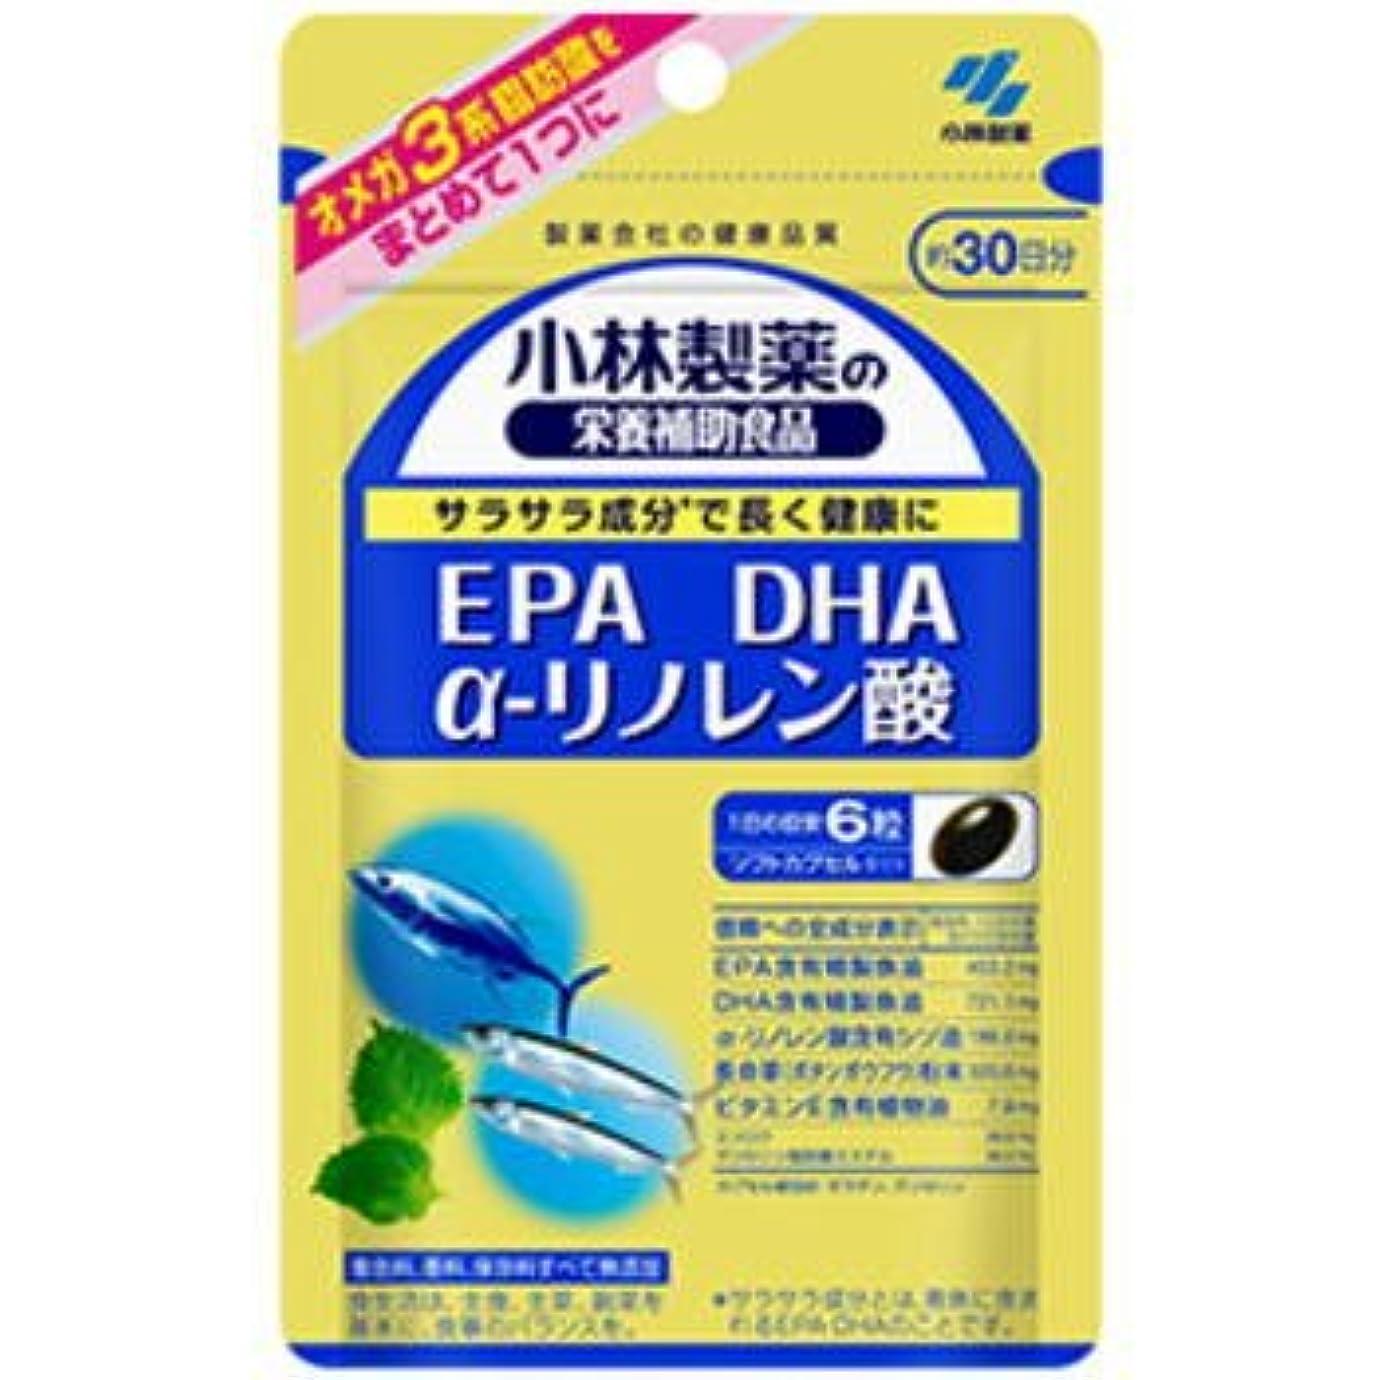 リーダーシップカメテスト小林製薬 EPA DHA α-リノレン酸 180粒×3個セット【ネコポス発送】